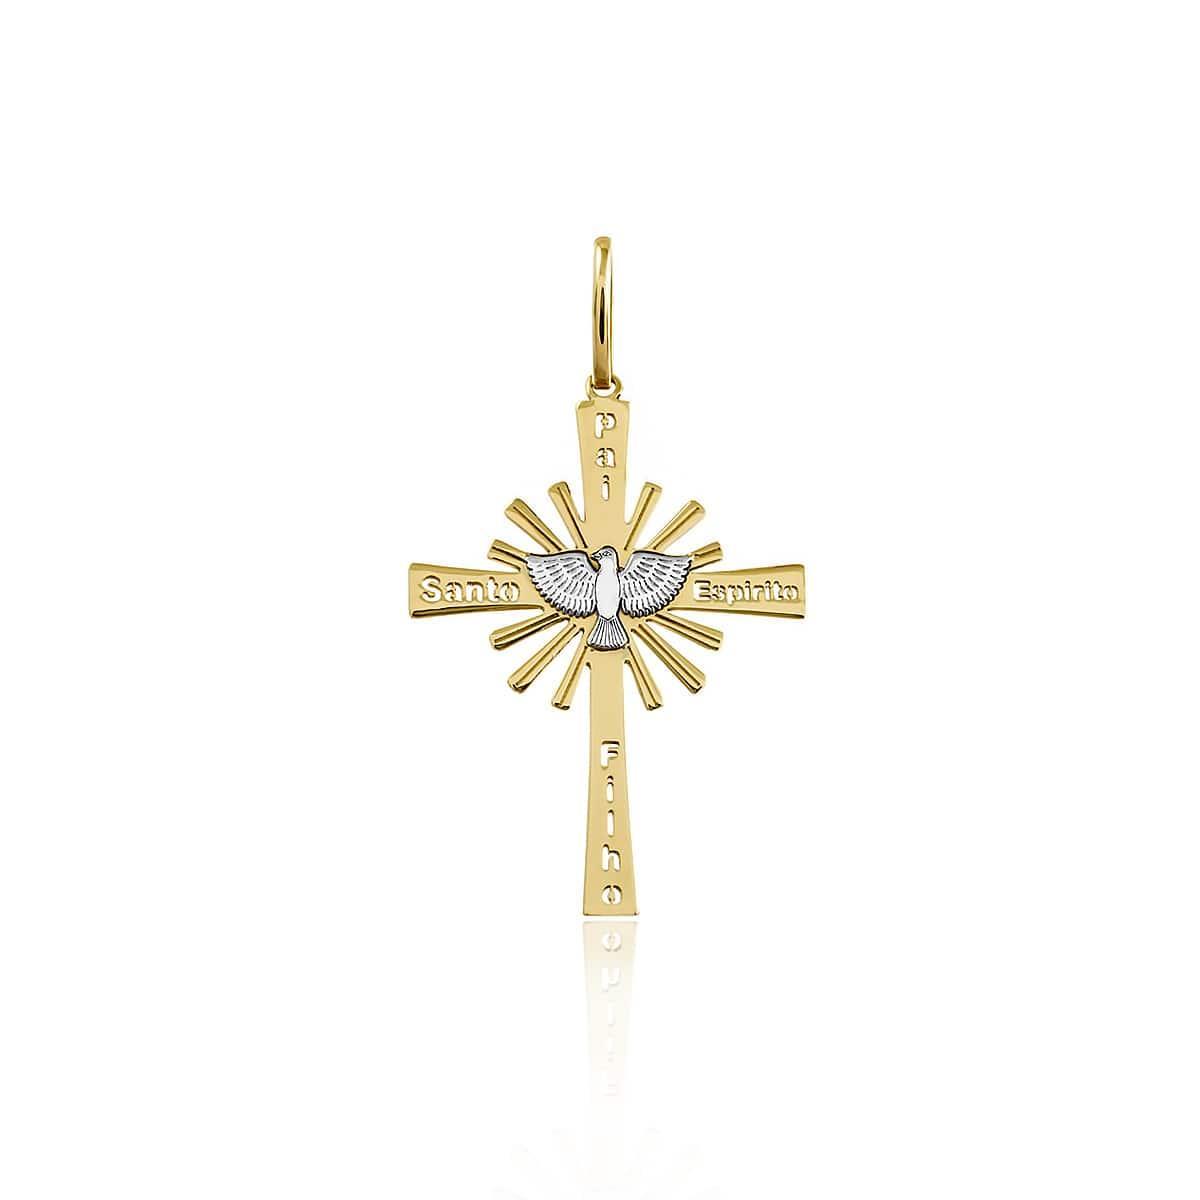 72cd16014f8a8 Pingente Cruz Espírito Santo em Ouro Amarelo com Detalhe em Ródio